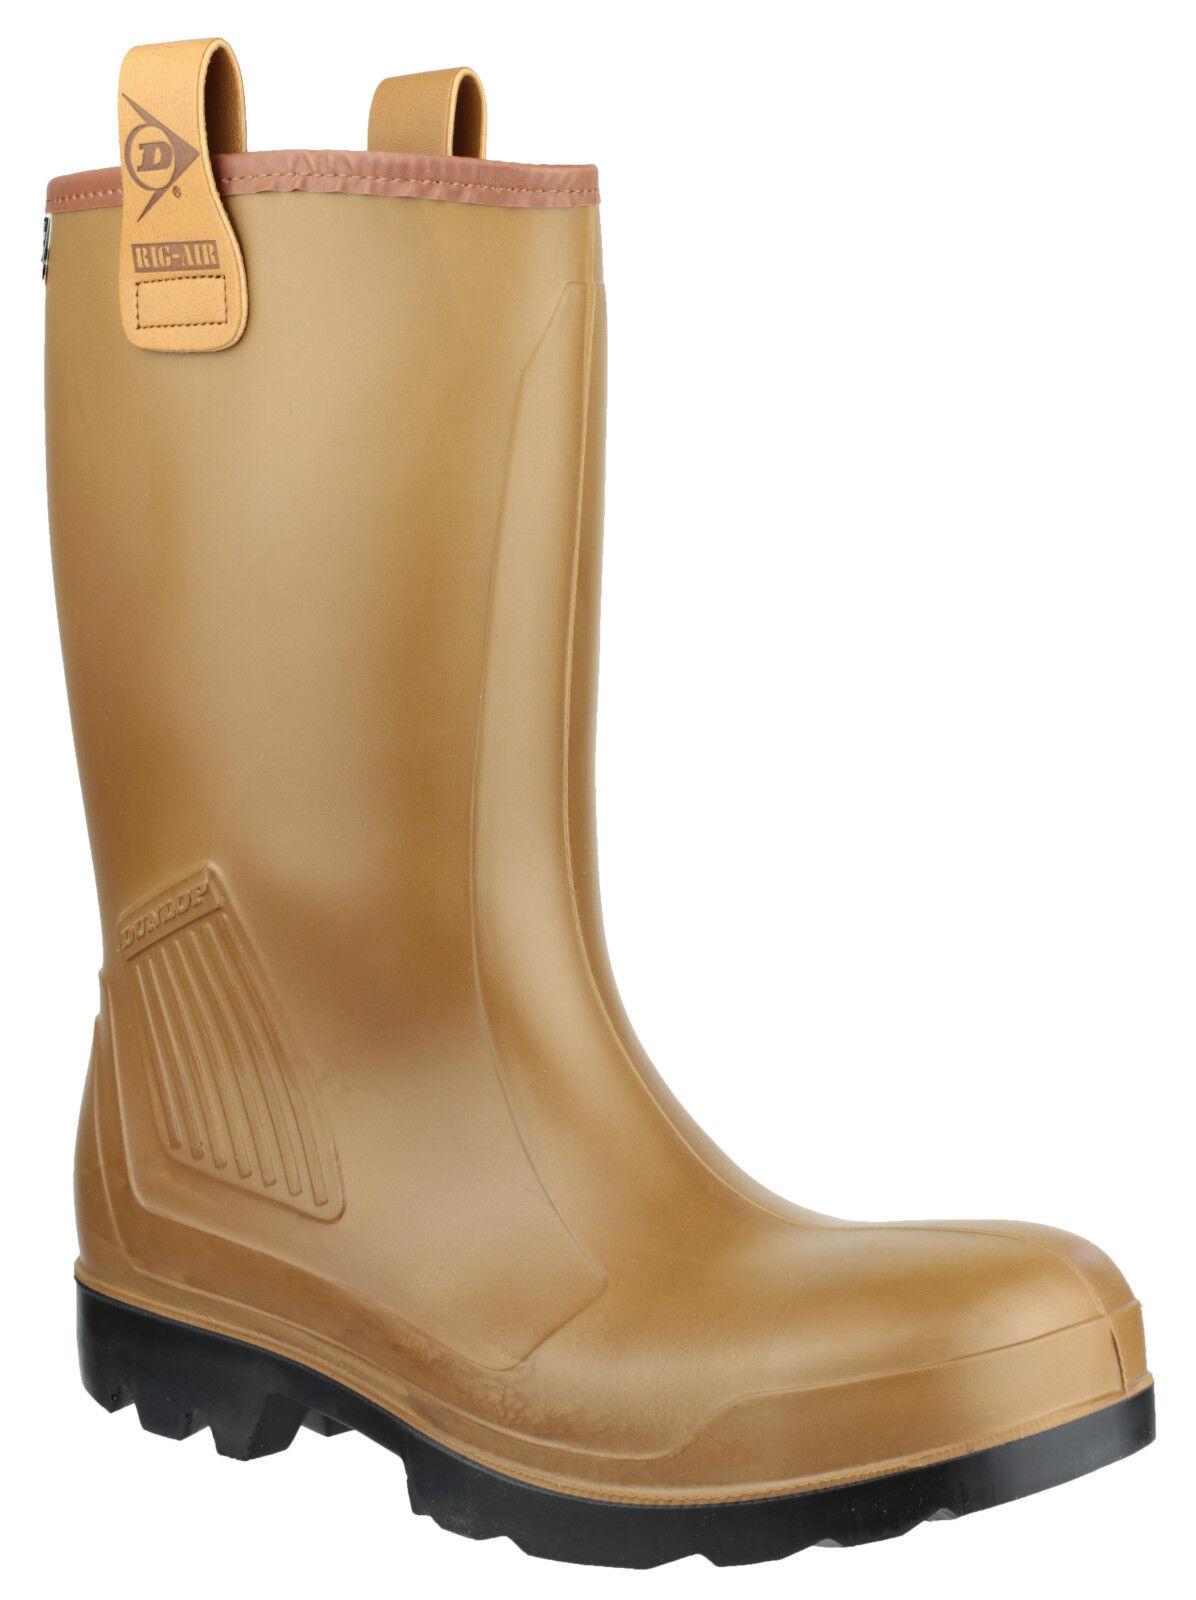 DUNLOP Purofort Rig-Air pelliccia con la piena sicurezza Rigger Pull On Boot uk6-13